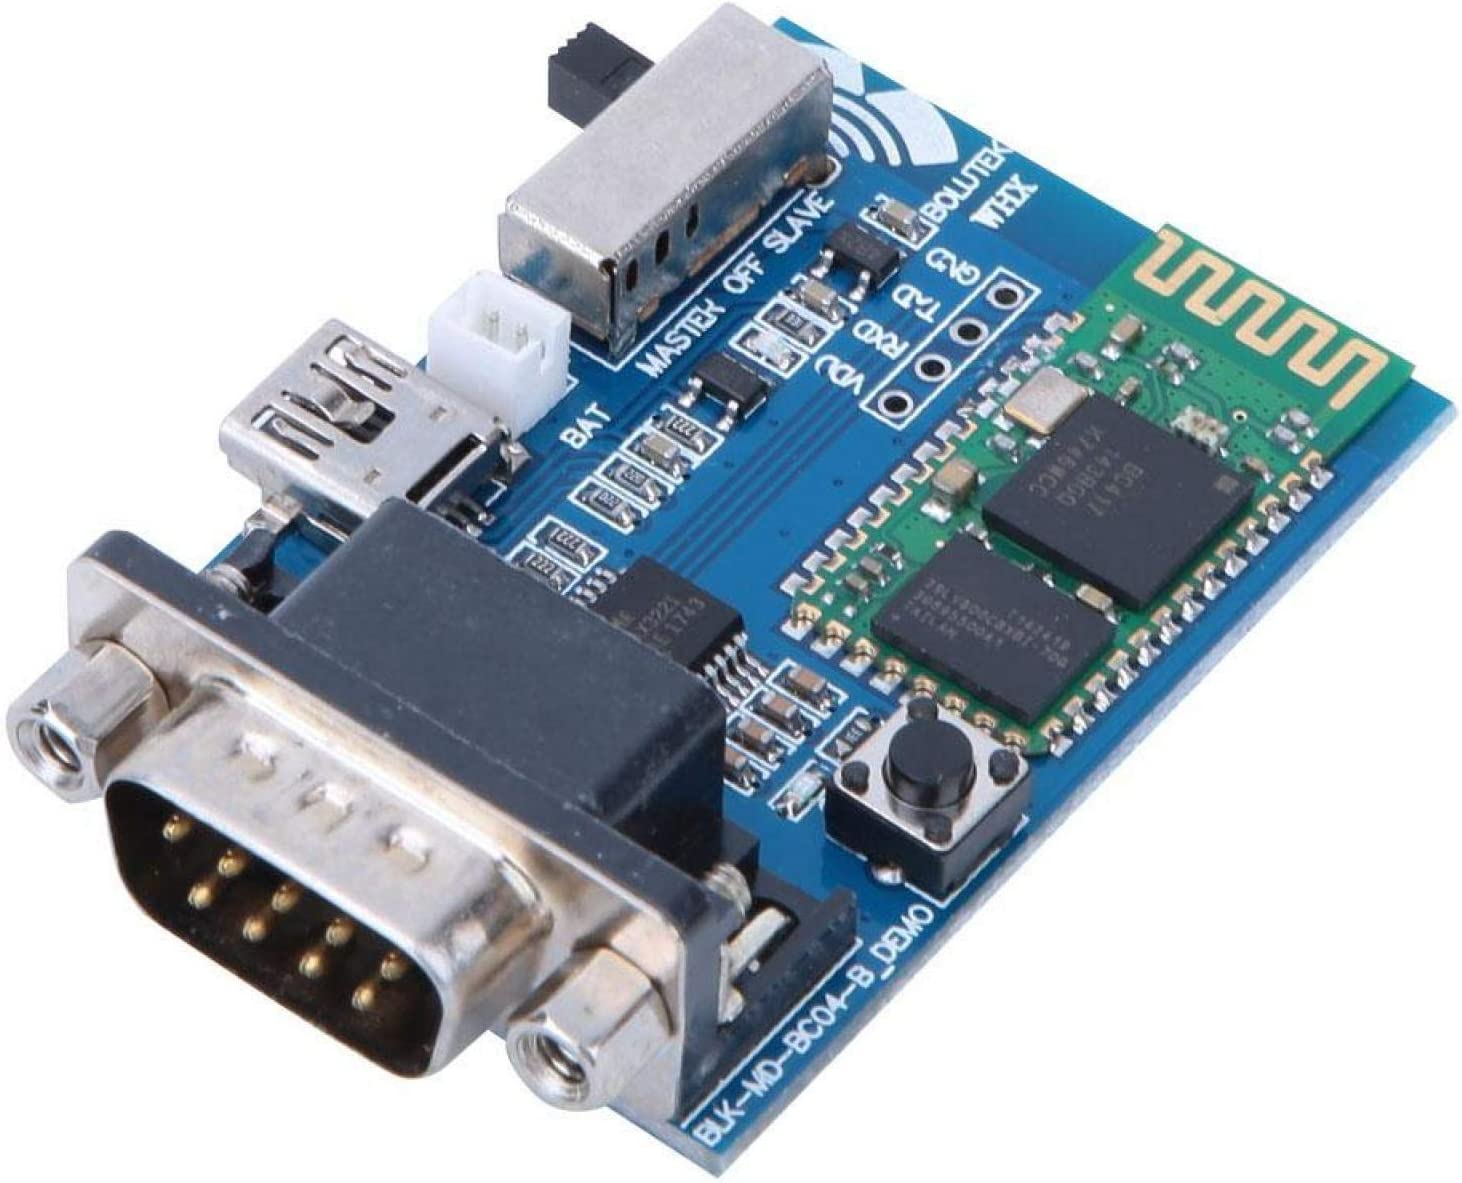 RS232 Módulo maestro-esclavo Adaptador en serie Bluetooth 5V CSR Comunicación de chip Bluetooth Módulo maestro-esclavo Estabilidad para sistemas Windows/DOS